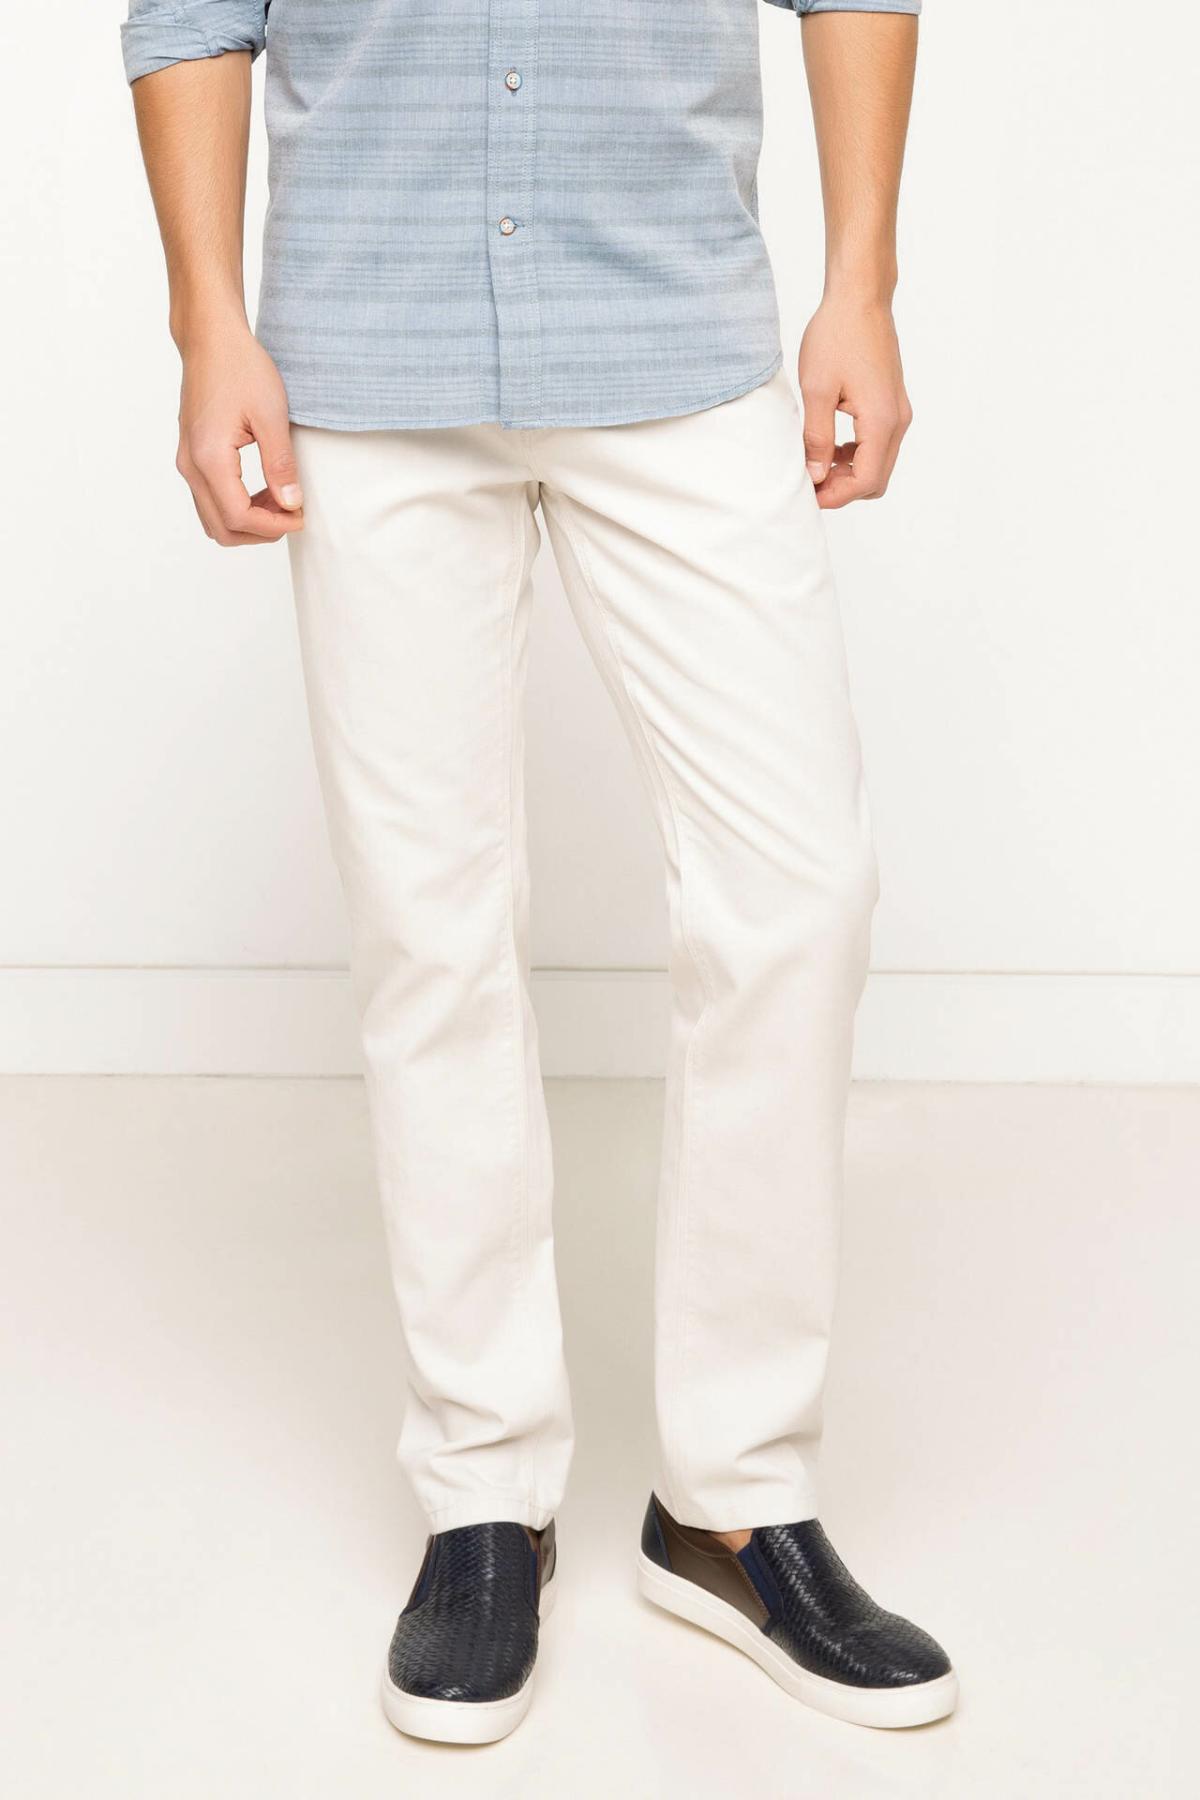 DeFacto Man Trousers-G6025AZ17SP